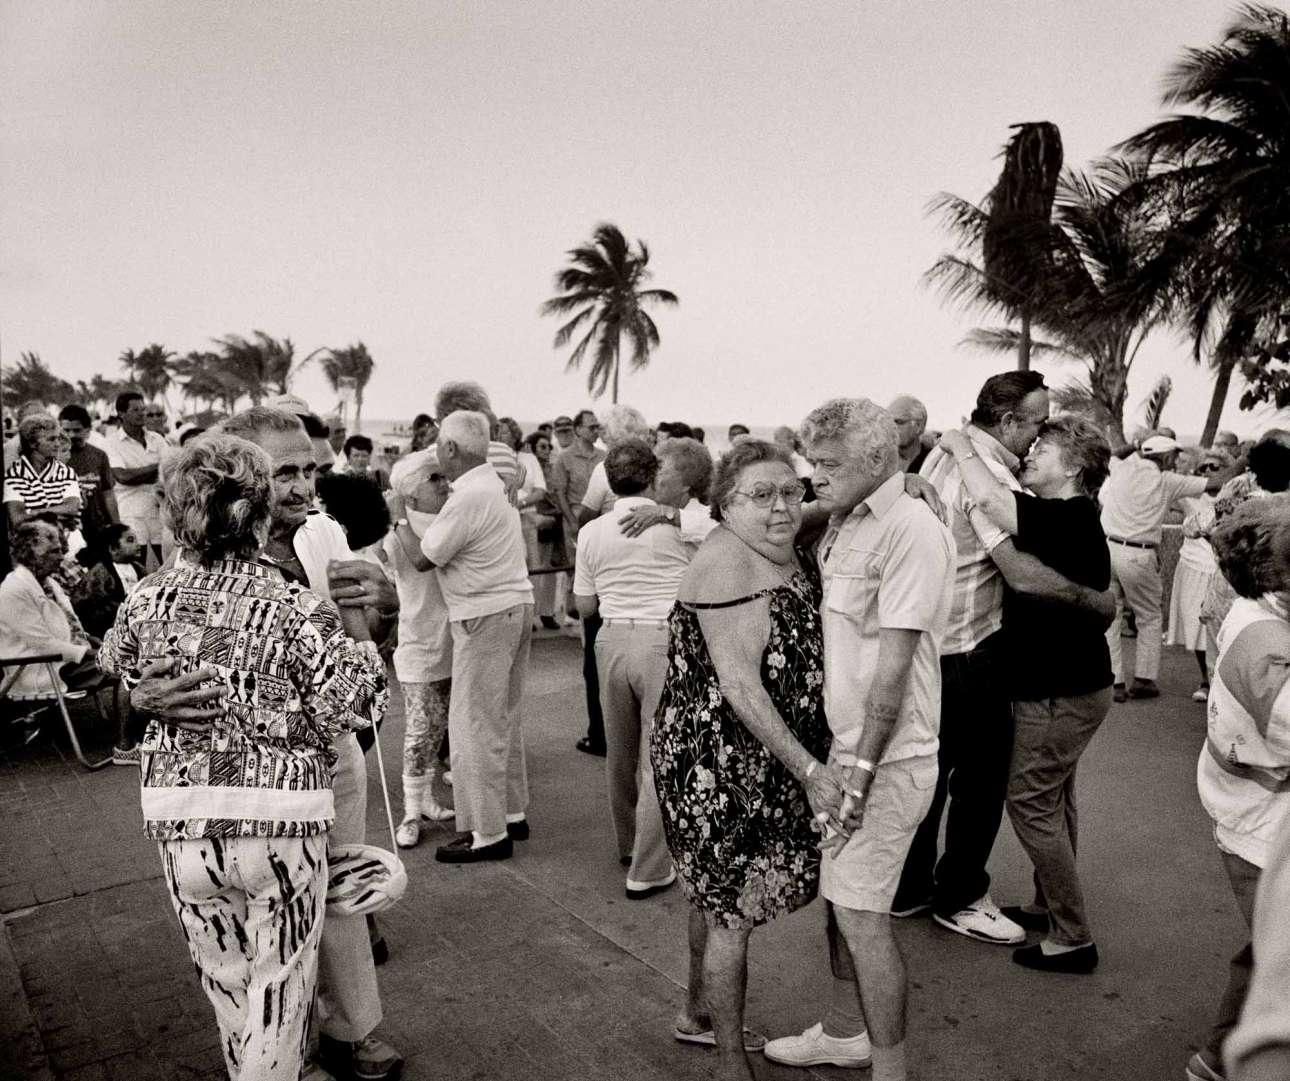 Σαββατιάτικος απογευματινός χορός στην παραλία Χόλιγουντ, 1990